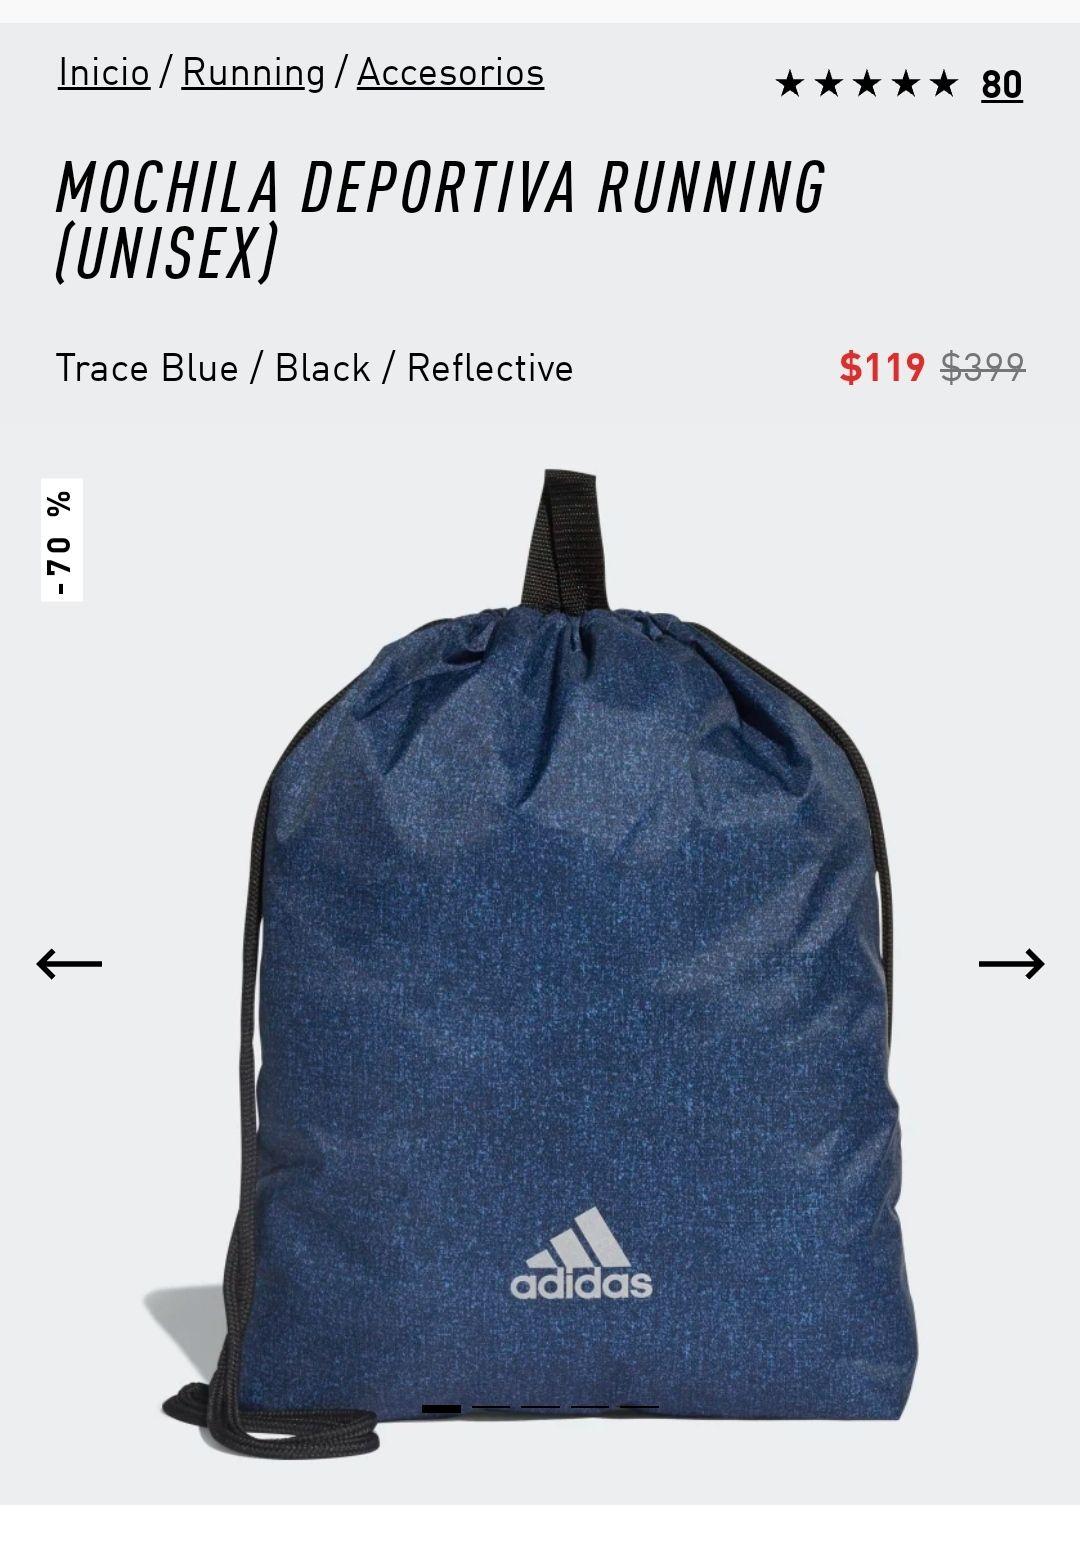 Adidas: Compilación de mochilas deportivas adidas